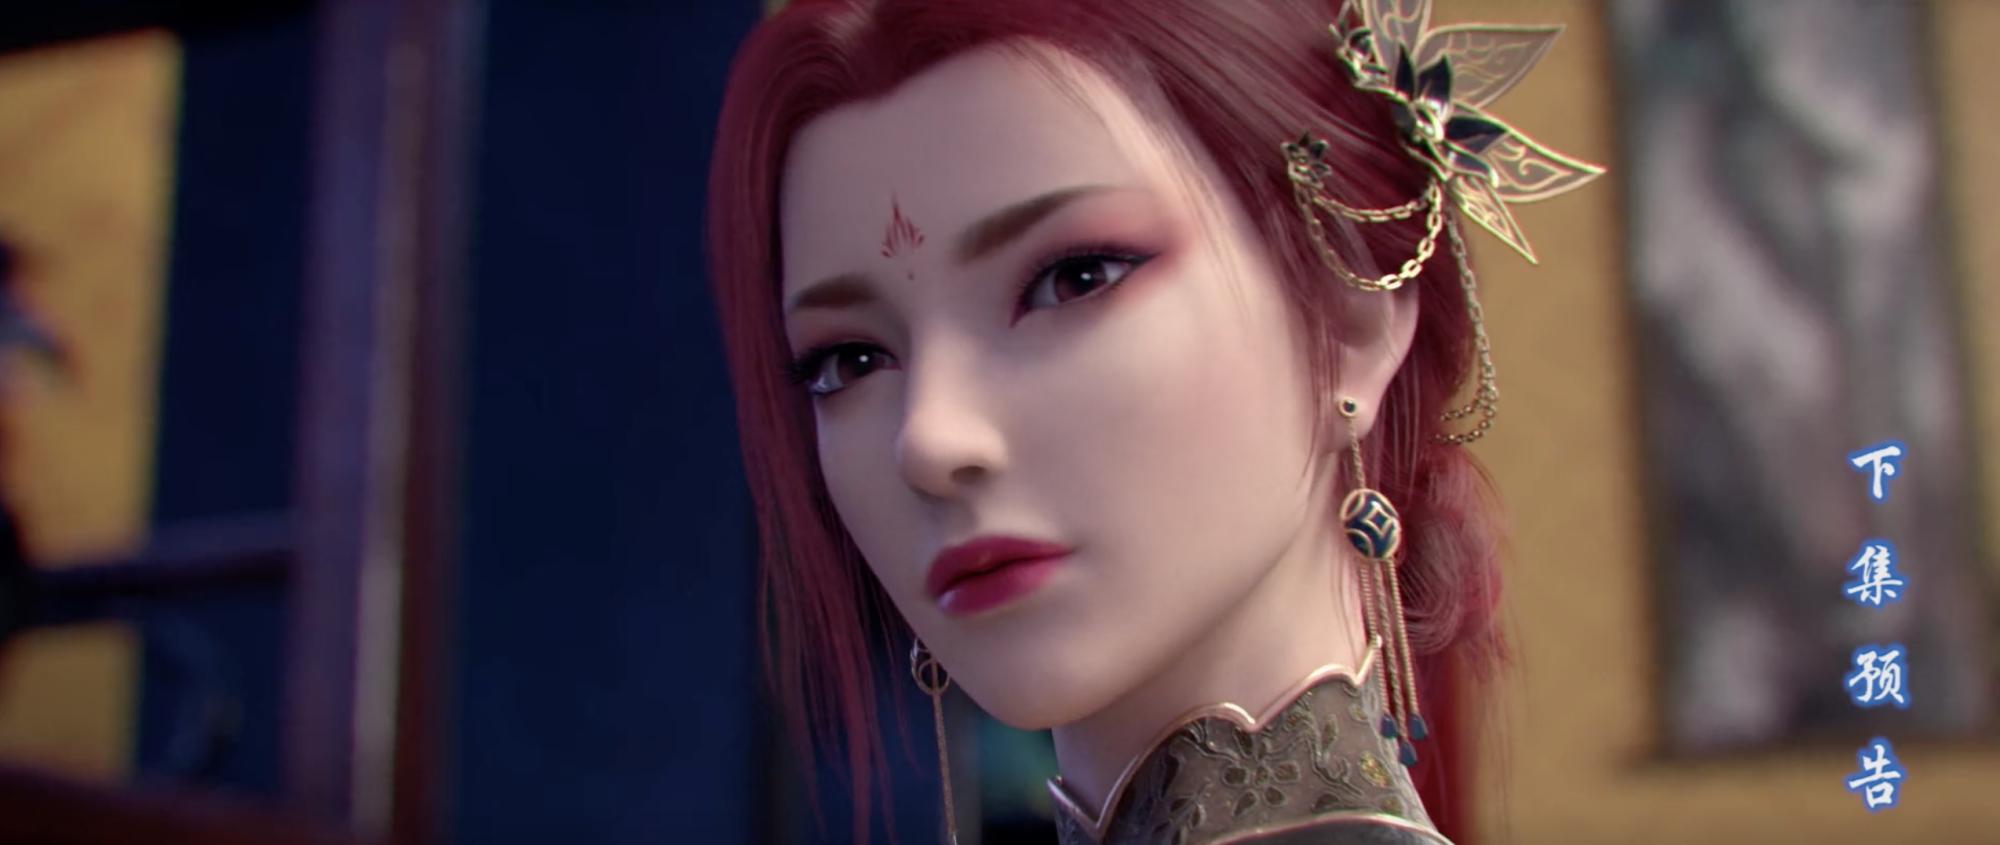 斗破苍穹4:萧炎找到恢复灵魂力量的药材,目的地却是纳兰嫣然家